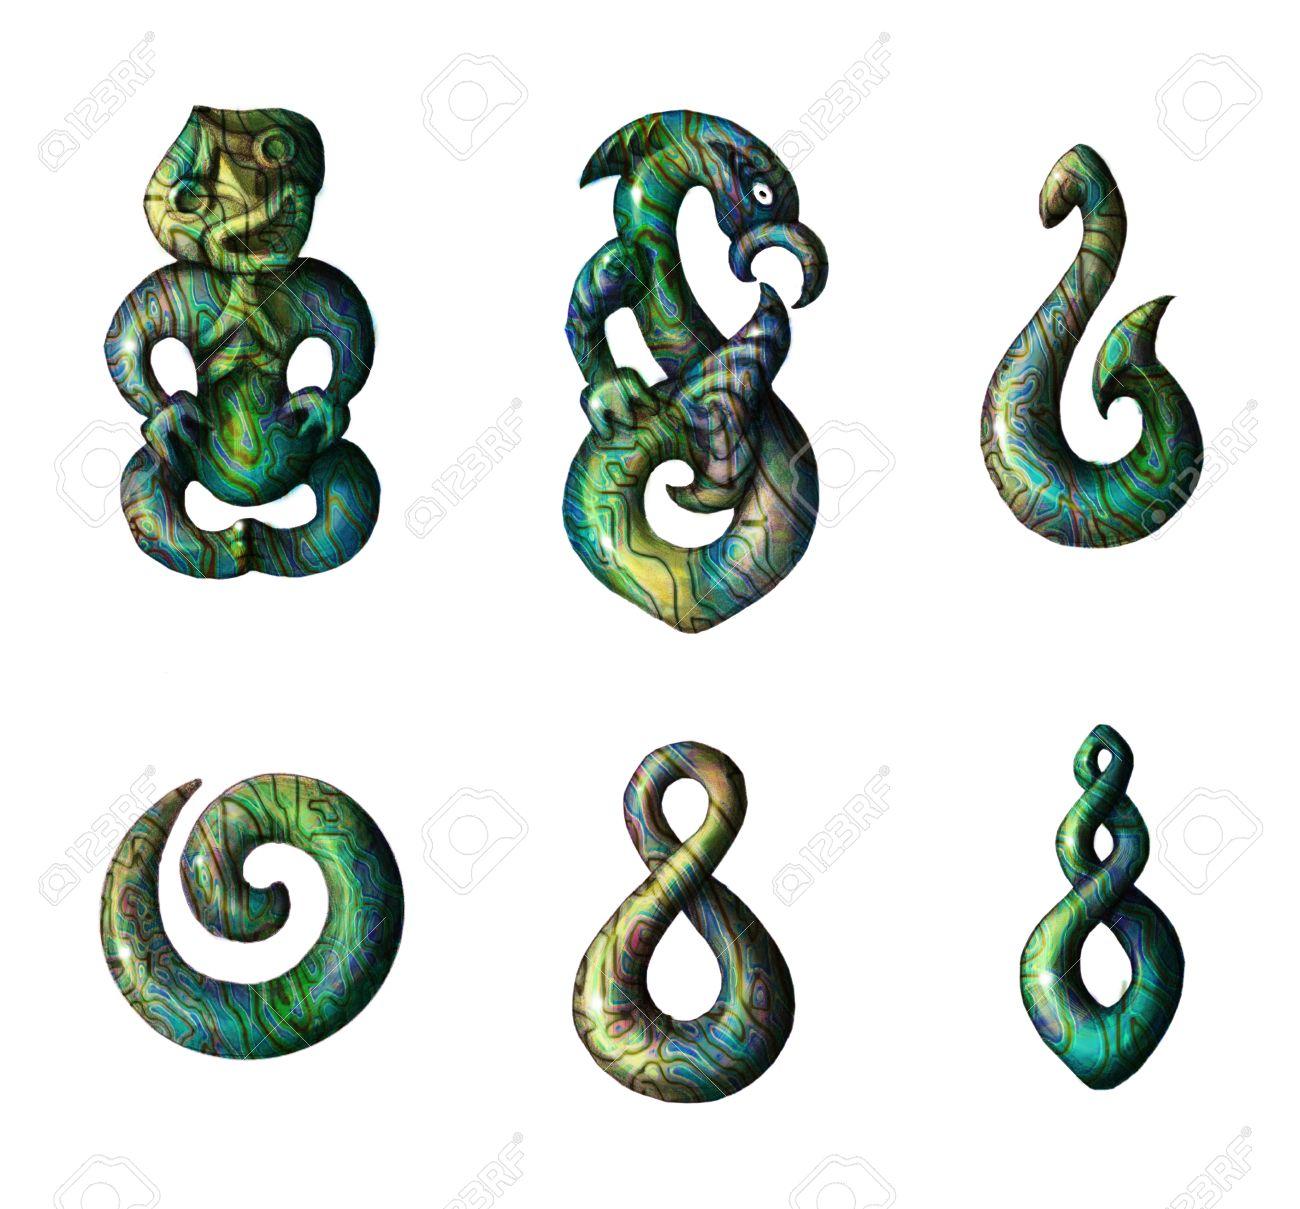 Traditionelle Maori Symbole Bleistiftzeichnung Getrennt Auf Weiss